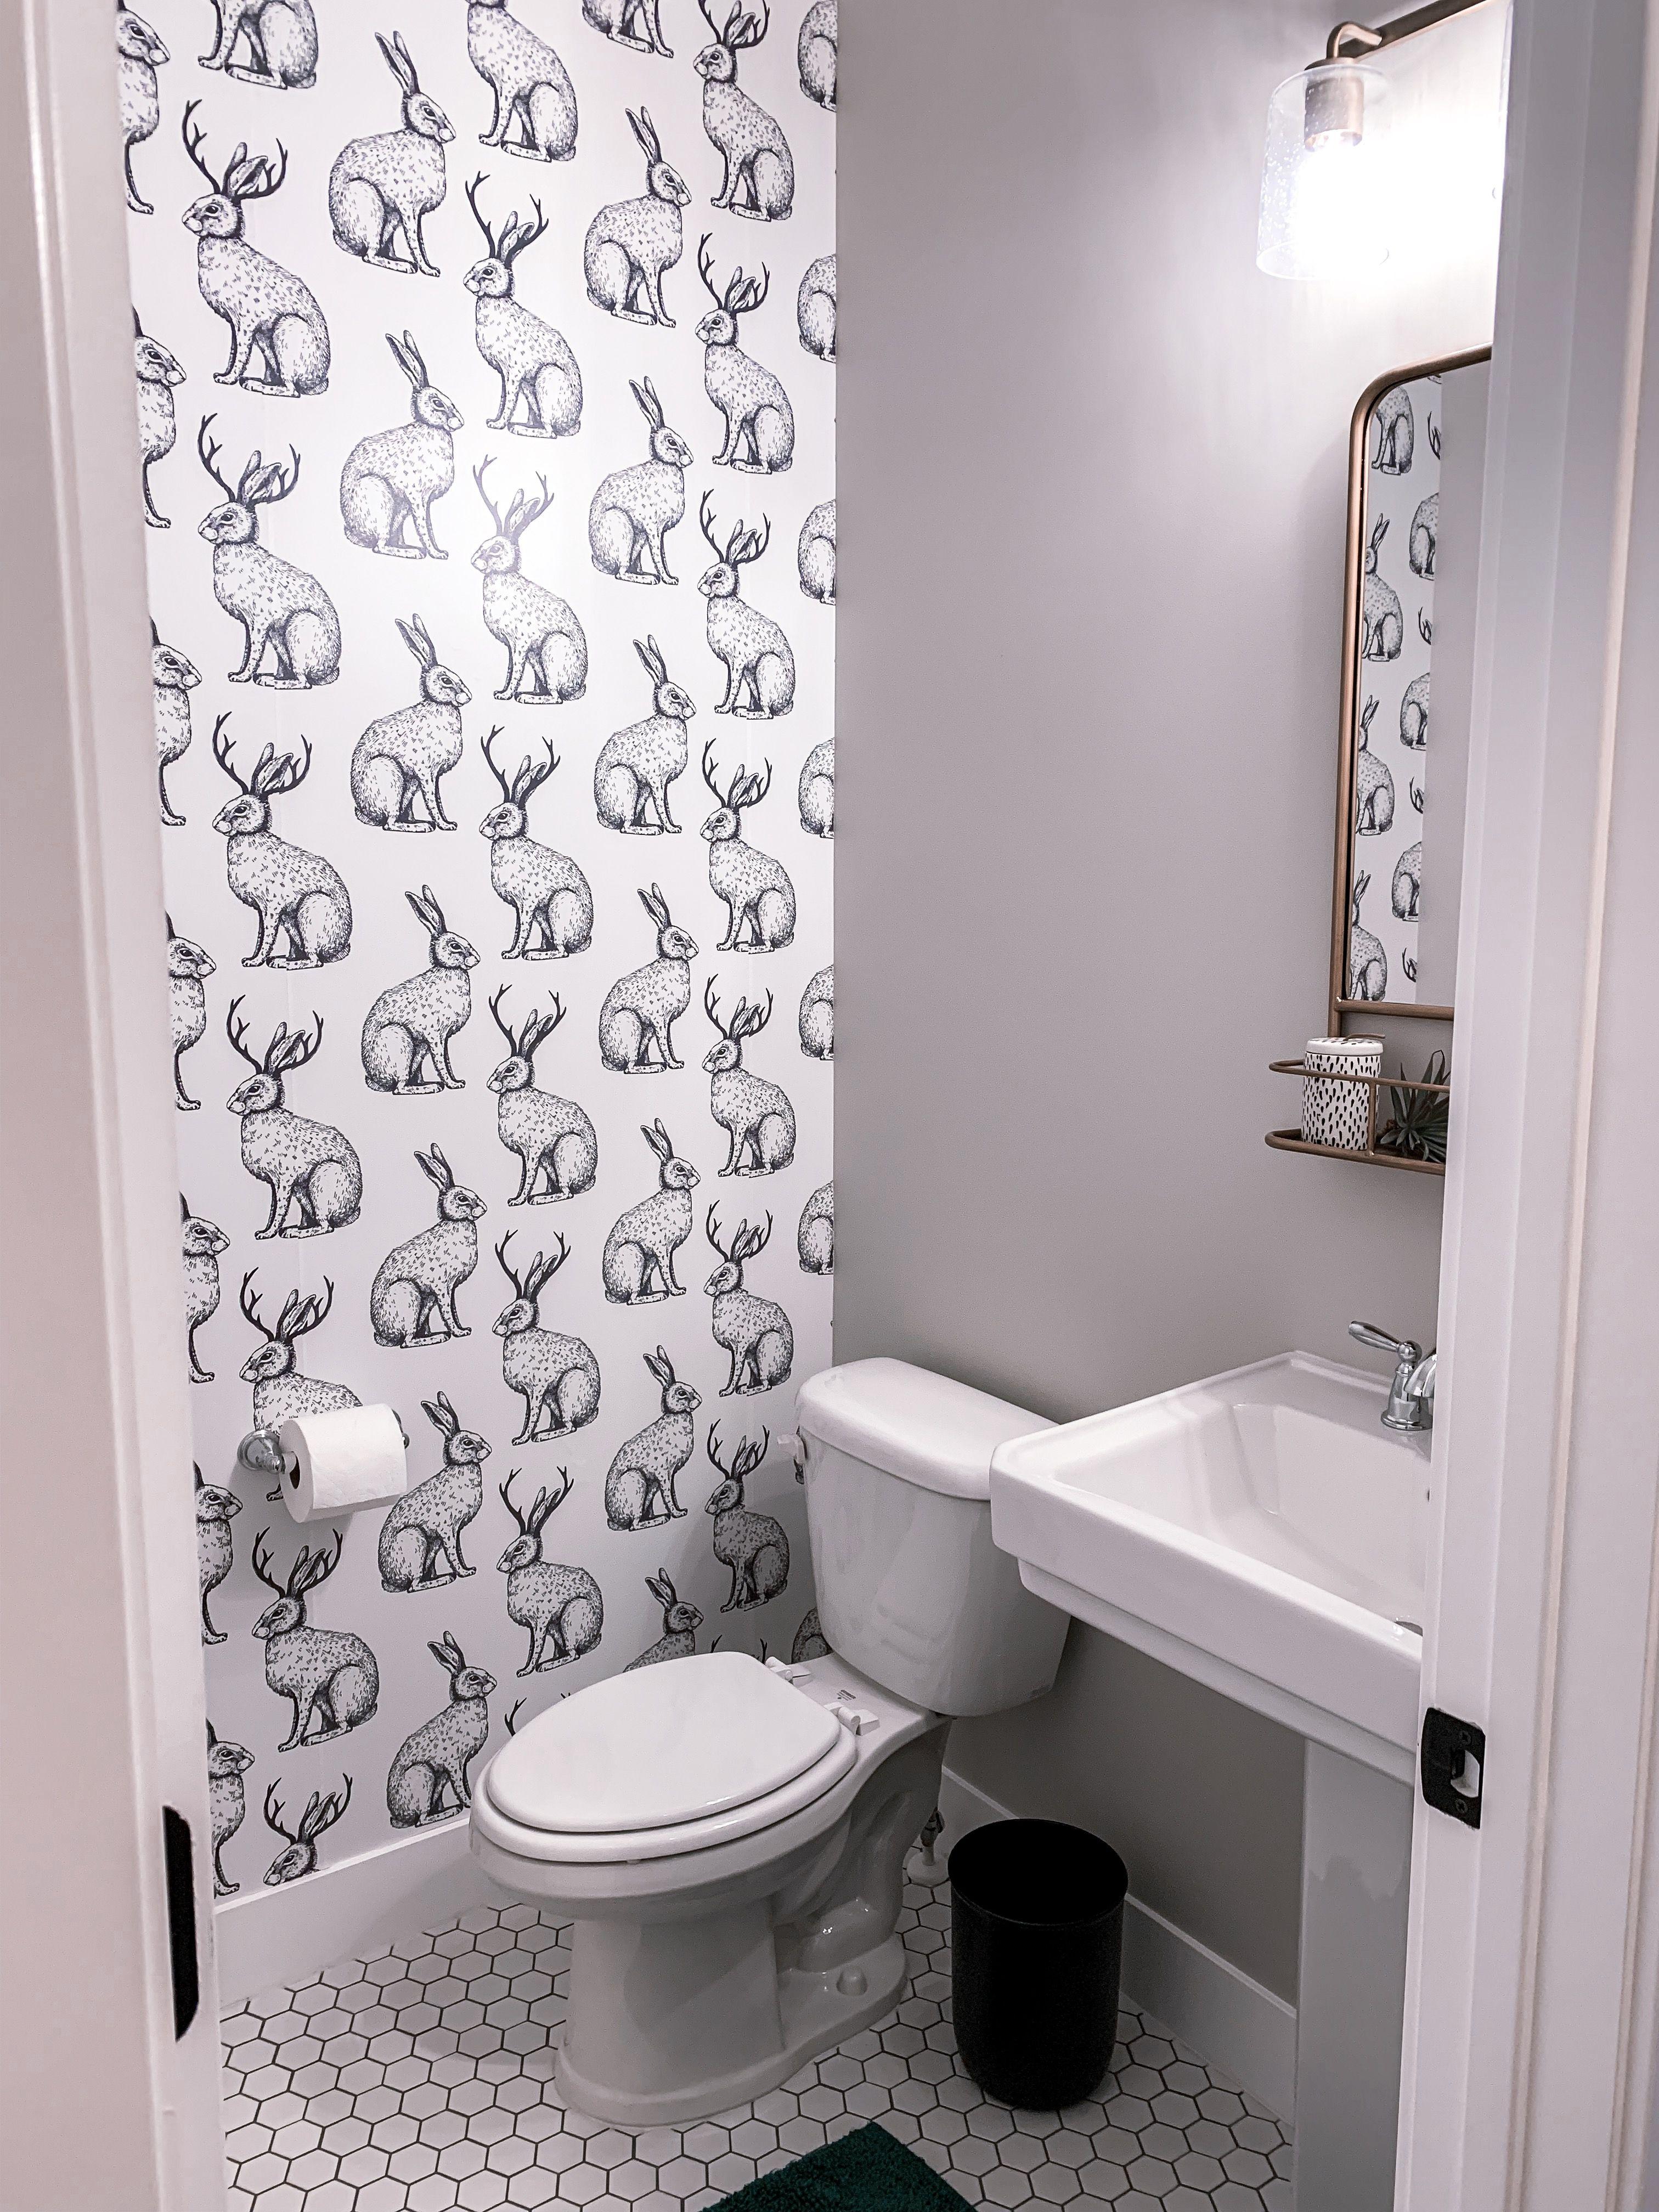 Wallsneedlove wallpaper in our half bathroom - eclectic ...